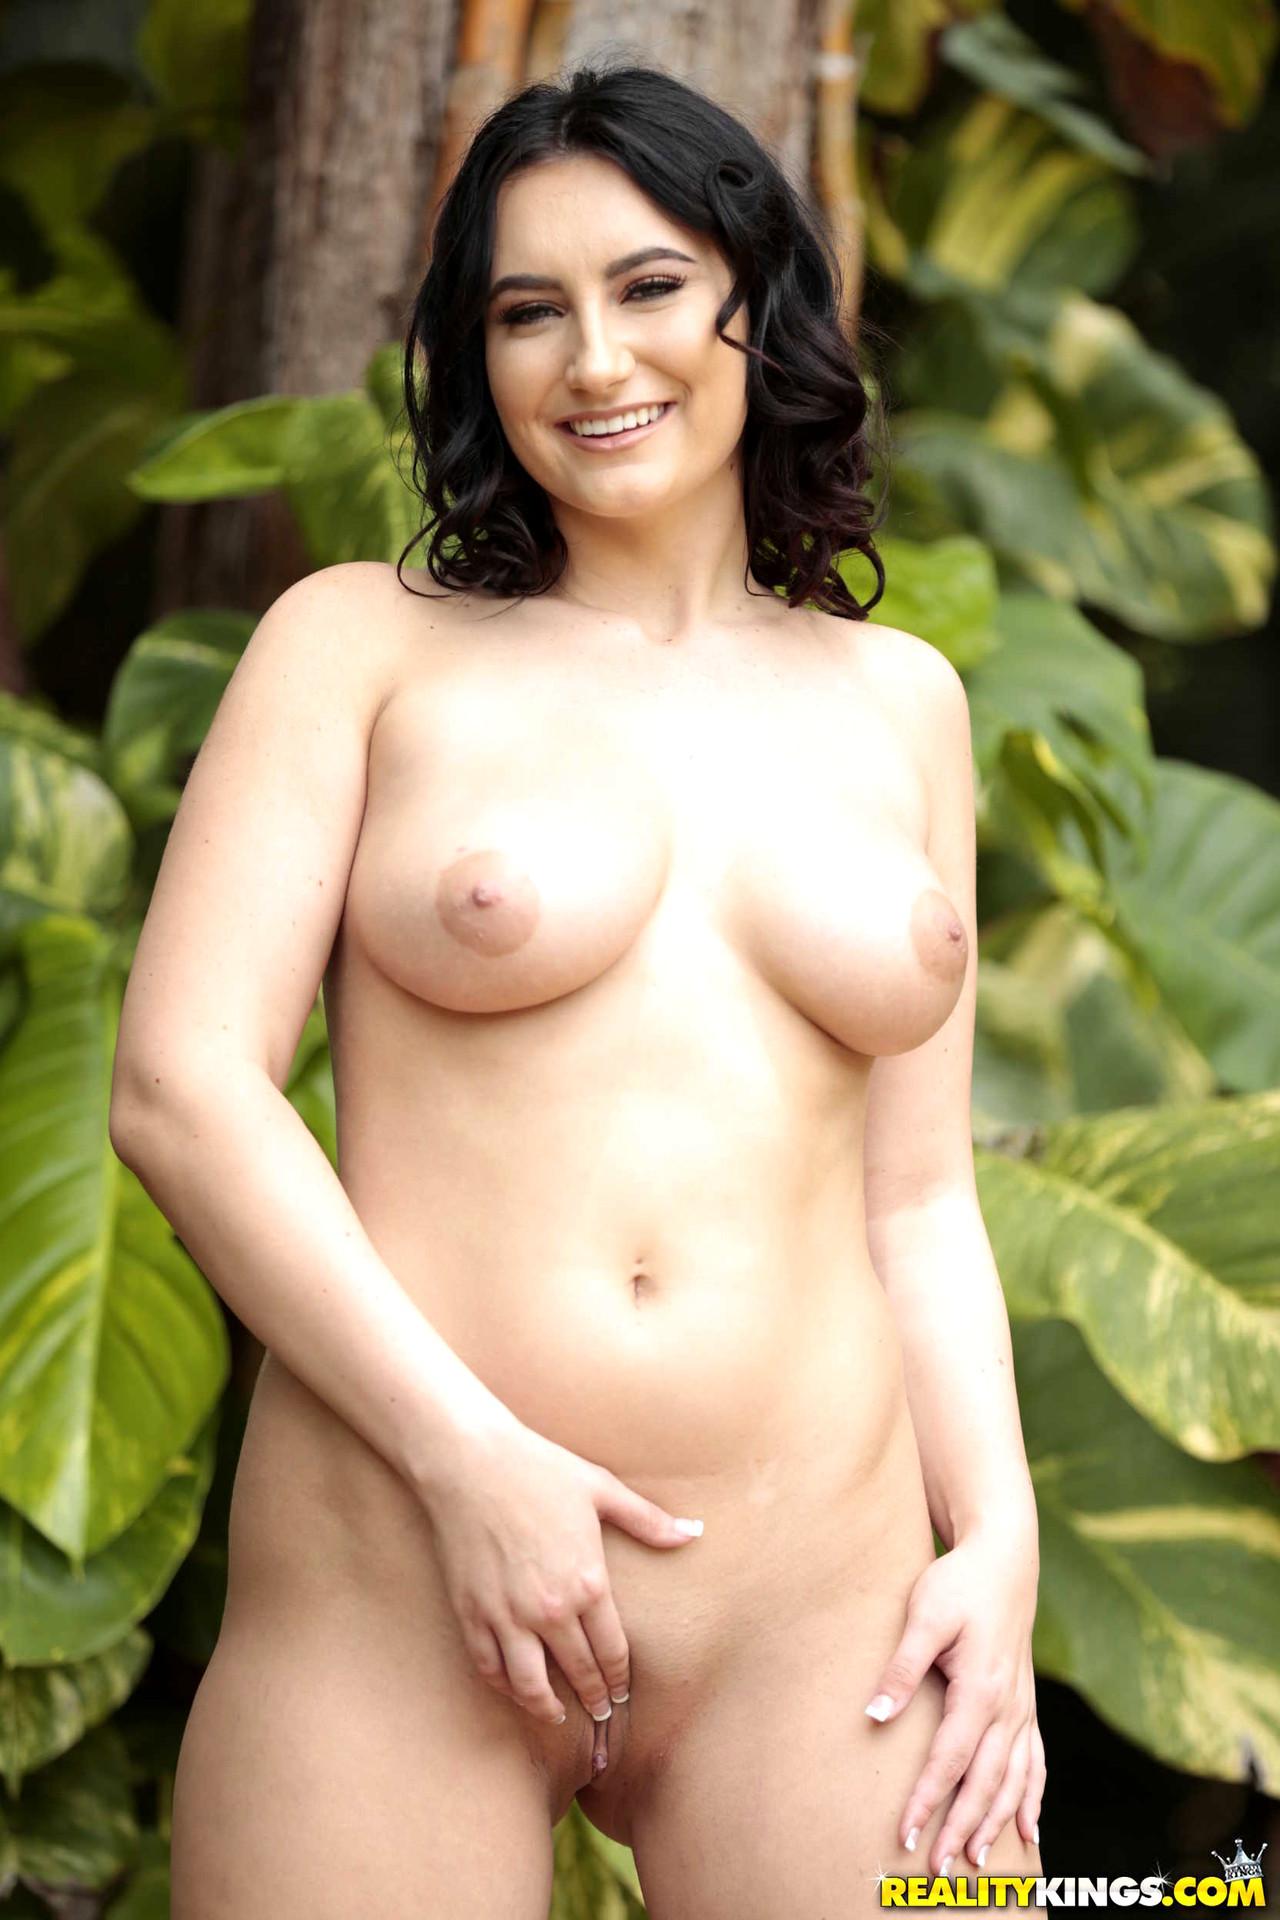 Sidney alexis porn